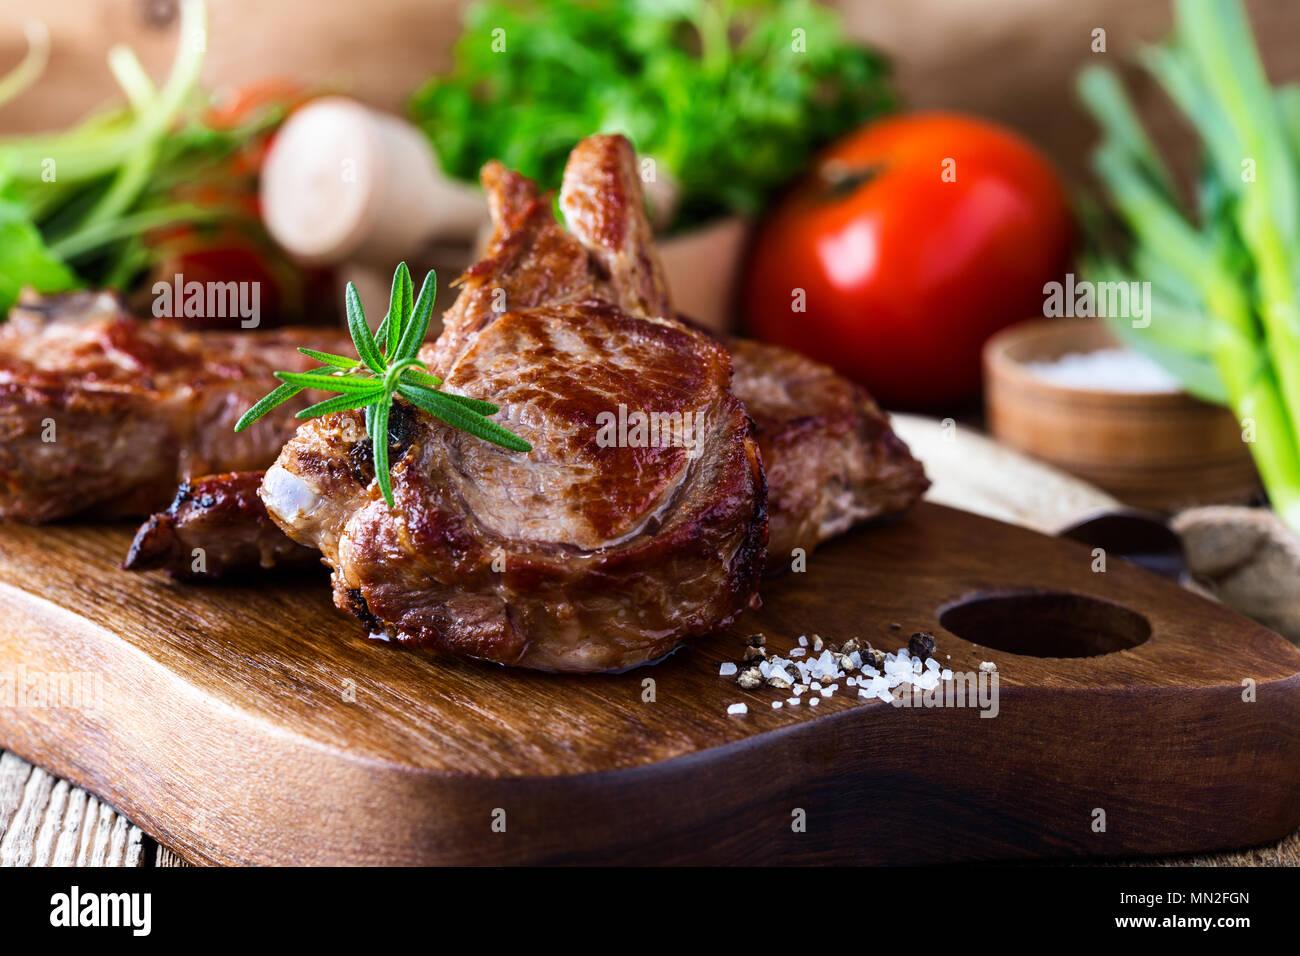 Côtelettes de veau rôti à l'aide de fines herbes et légumes sur planche à découper en bois rustique, pan steak poêlé Photo Stock